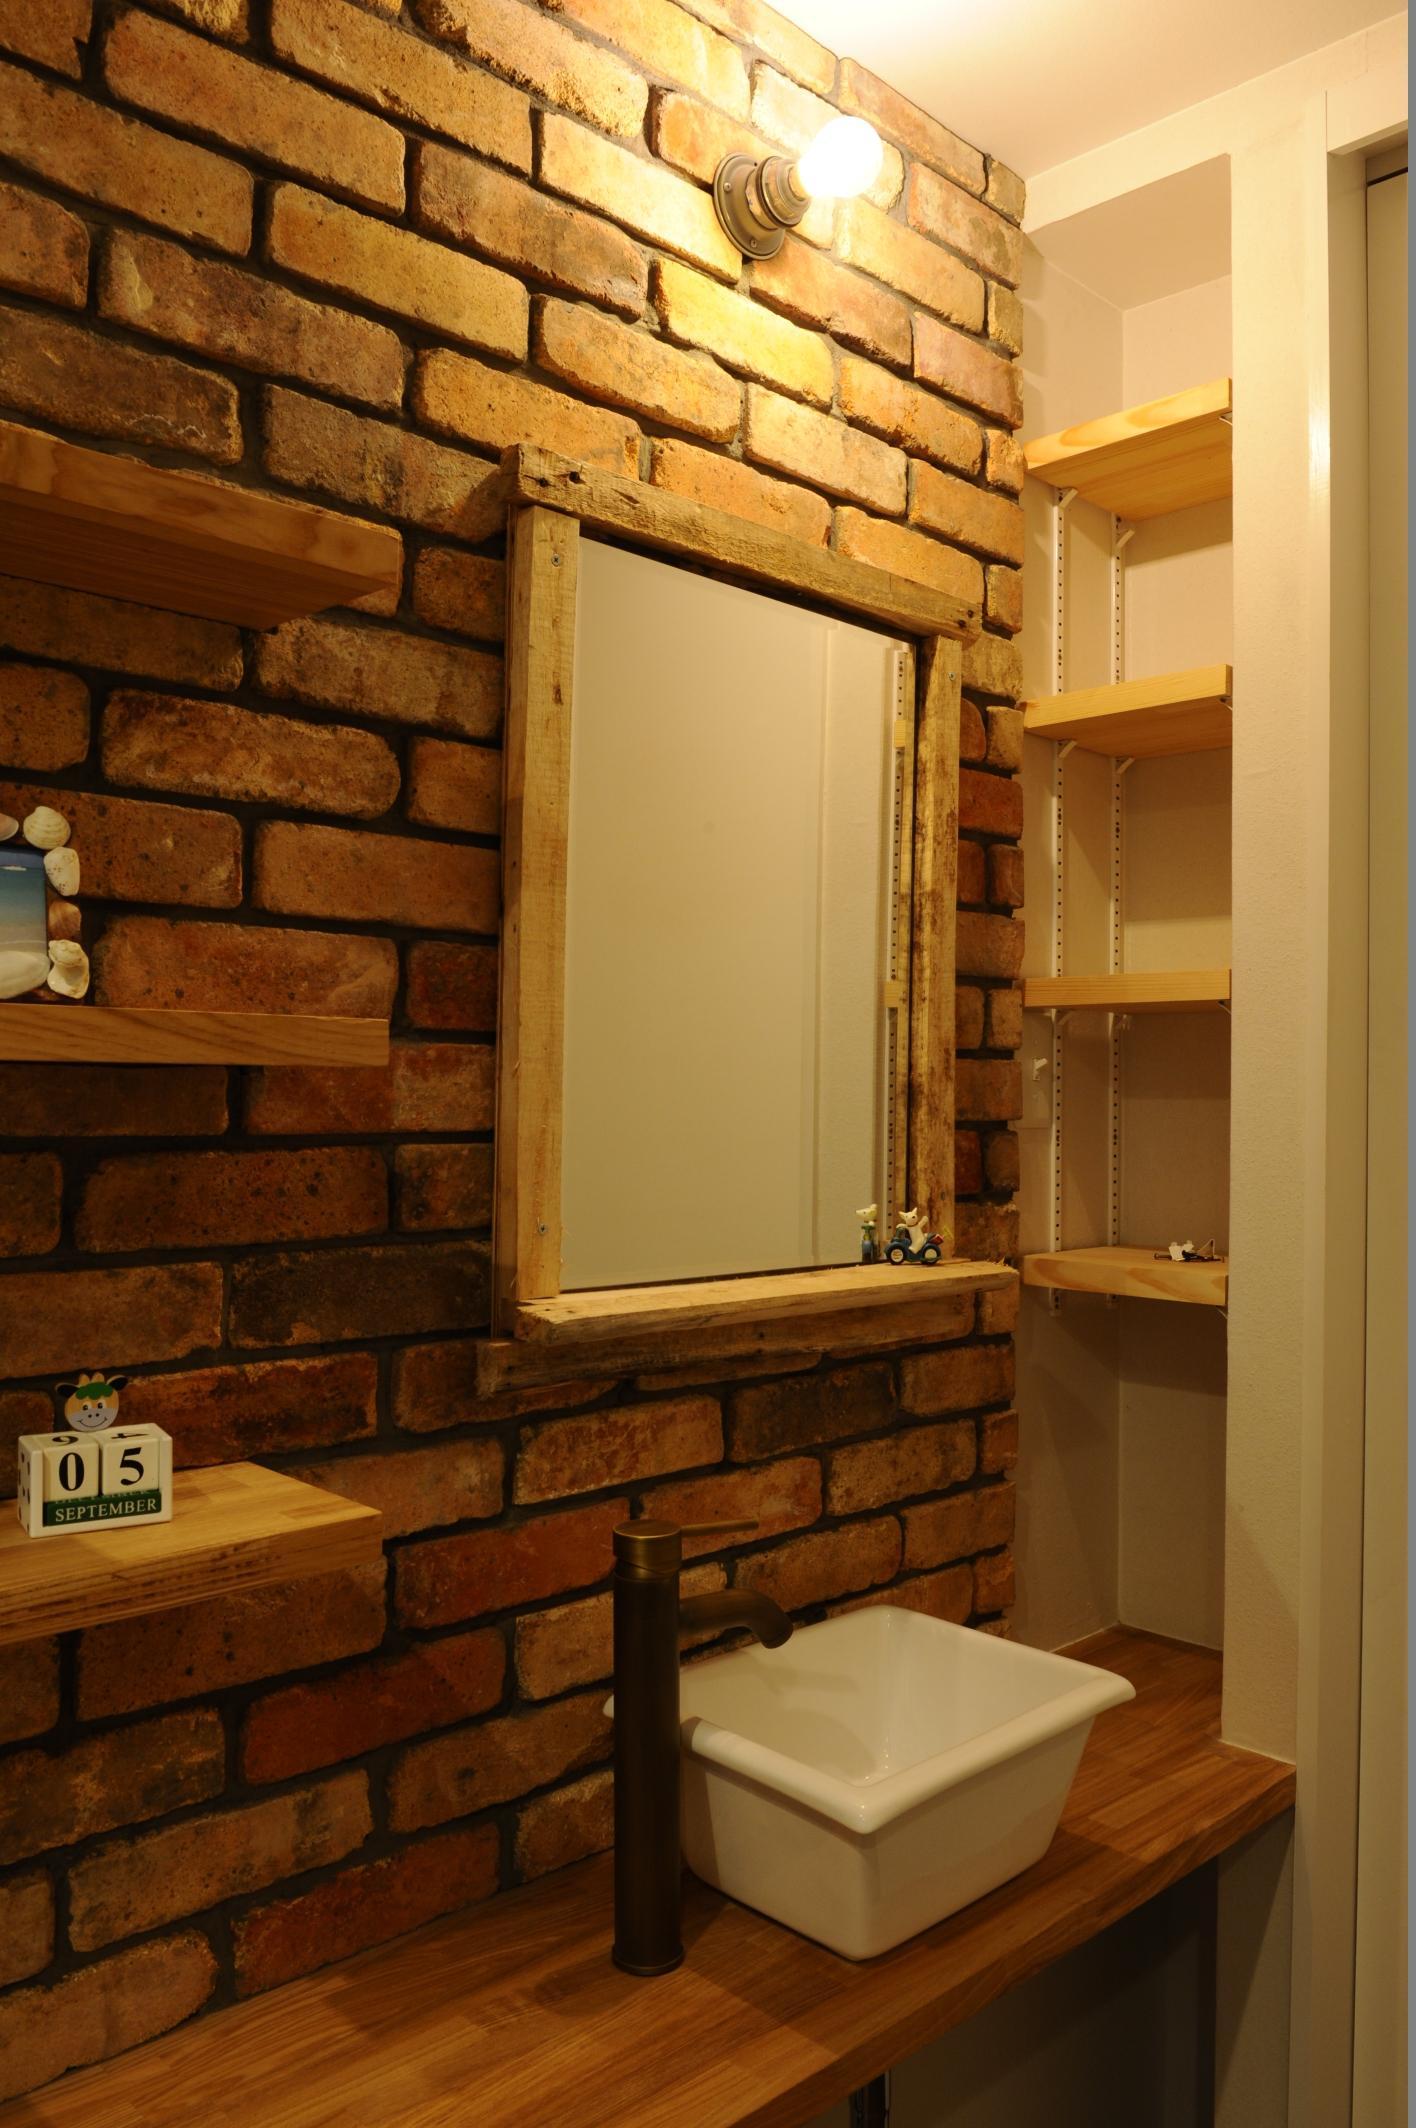 コドモゴヤの部屋 レンガの壁のある洗面エリア